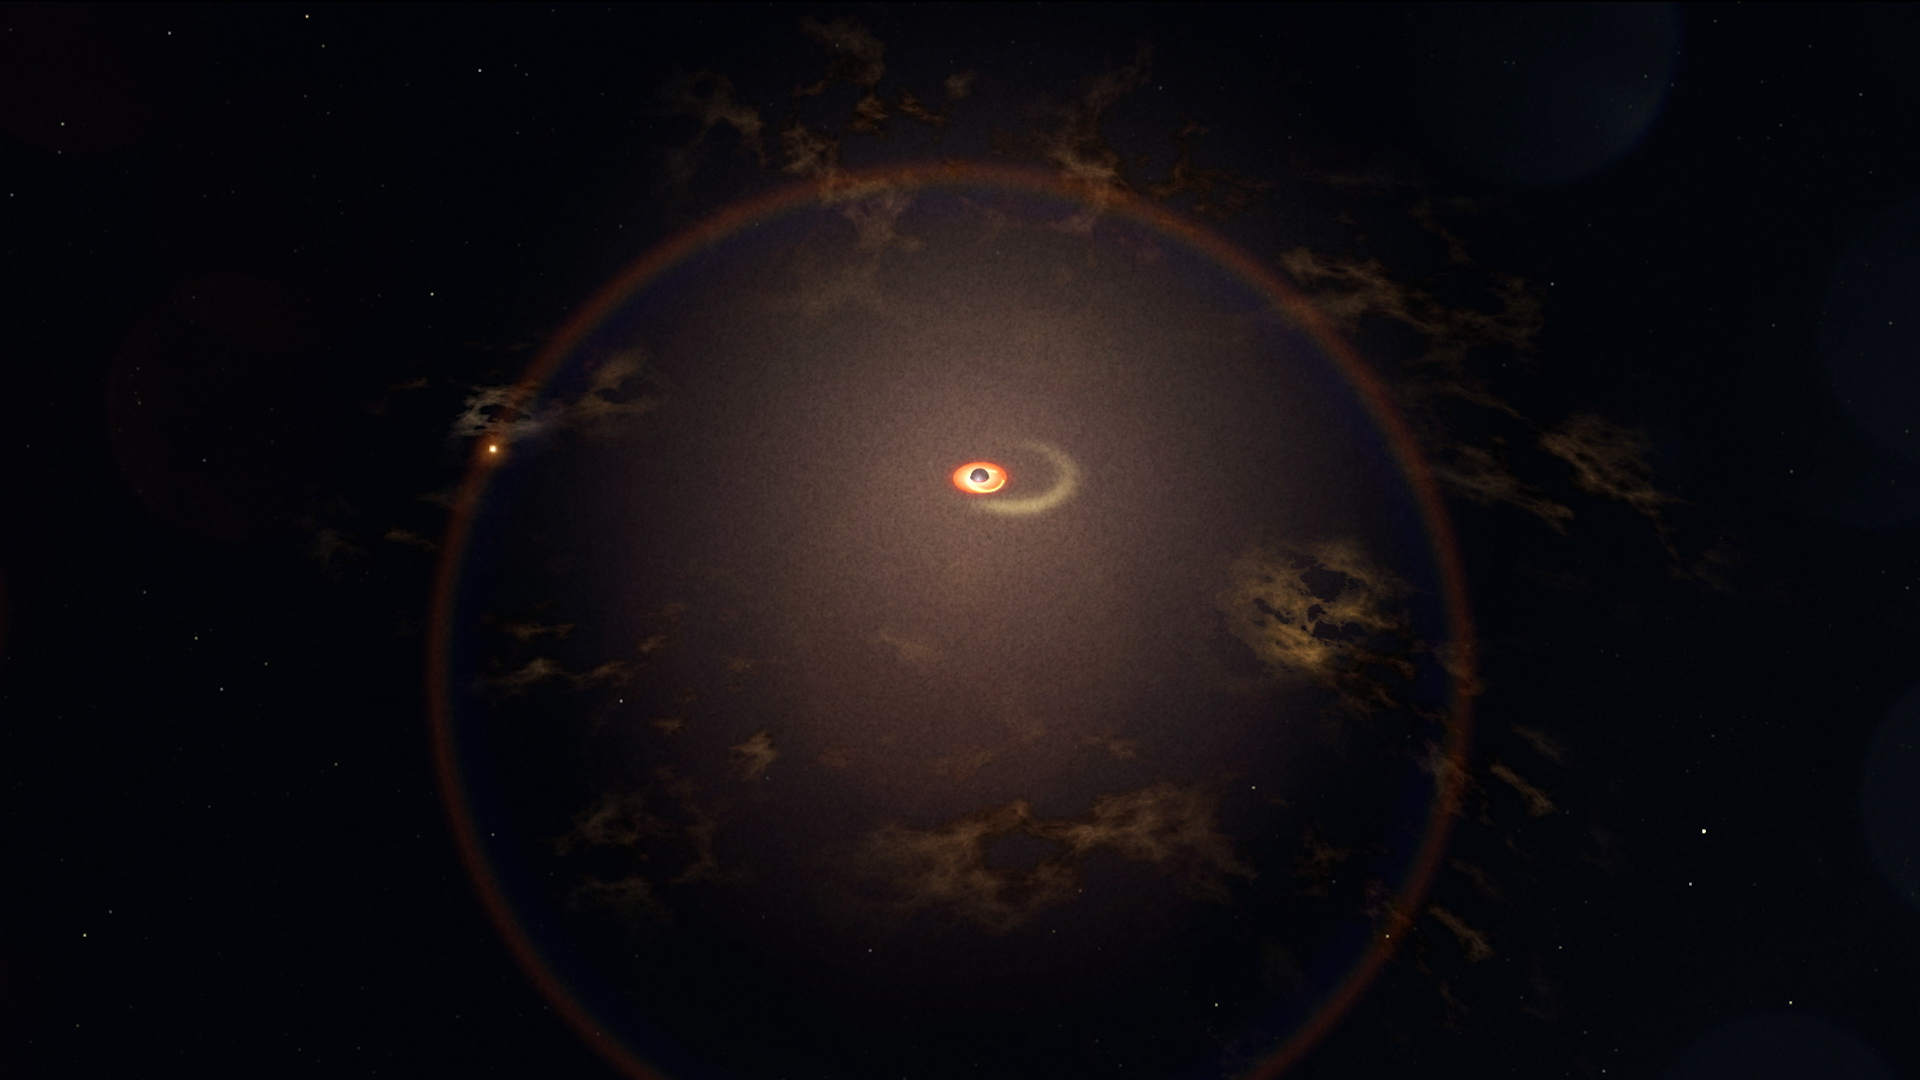 Un trou noir monstre siphonne le gaz d'une étoile géante en orbite dans cette illustration.